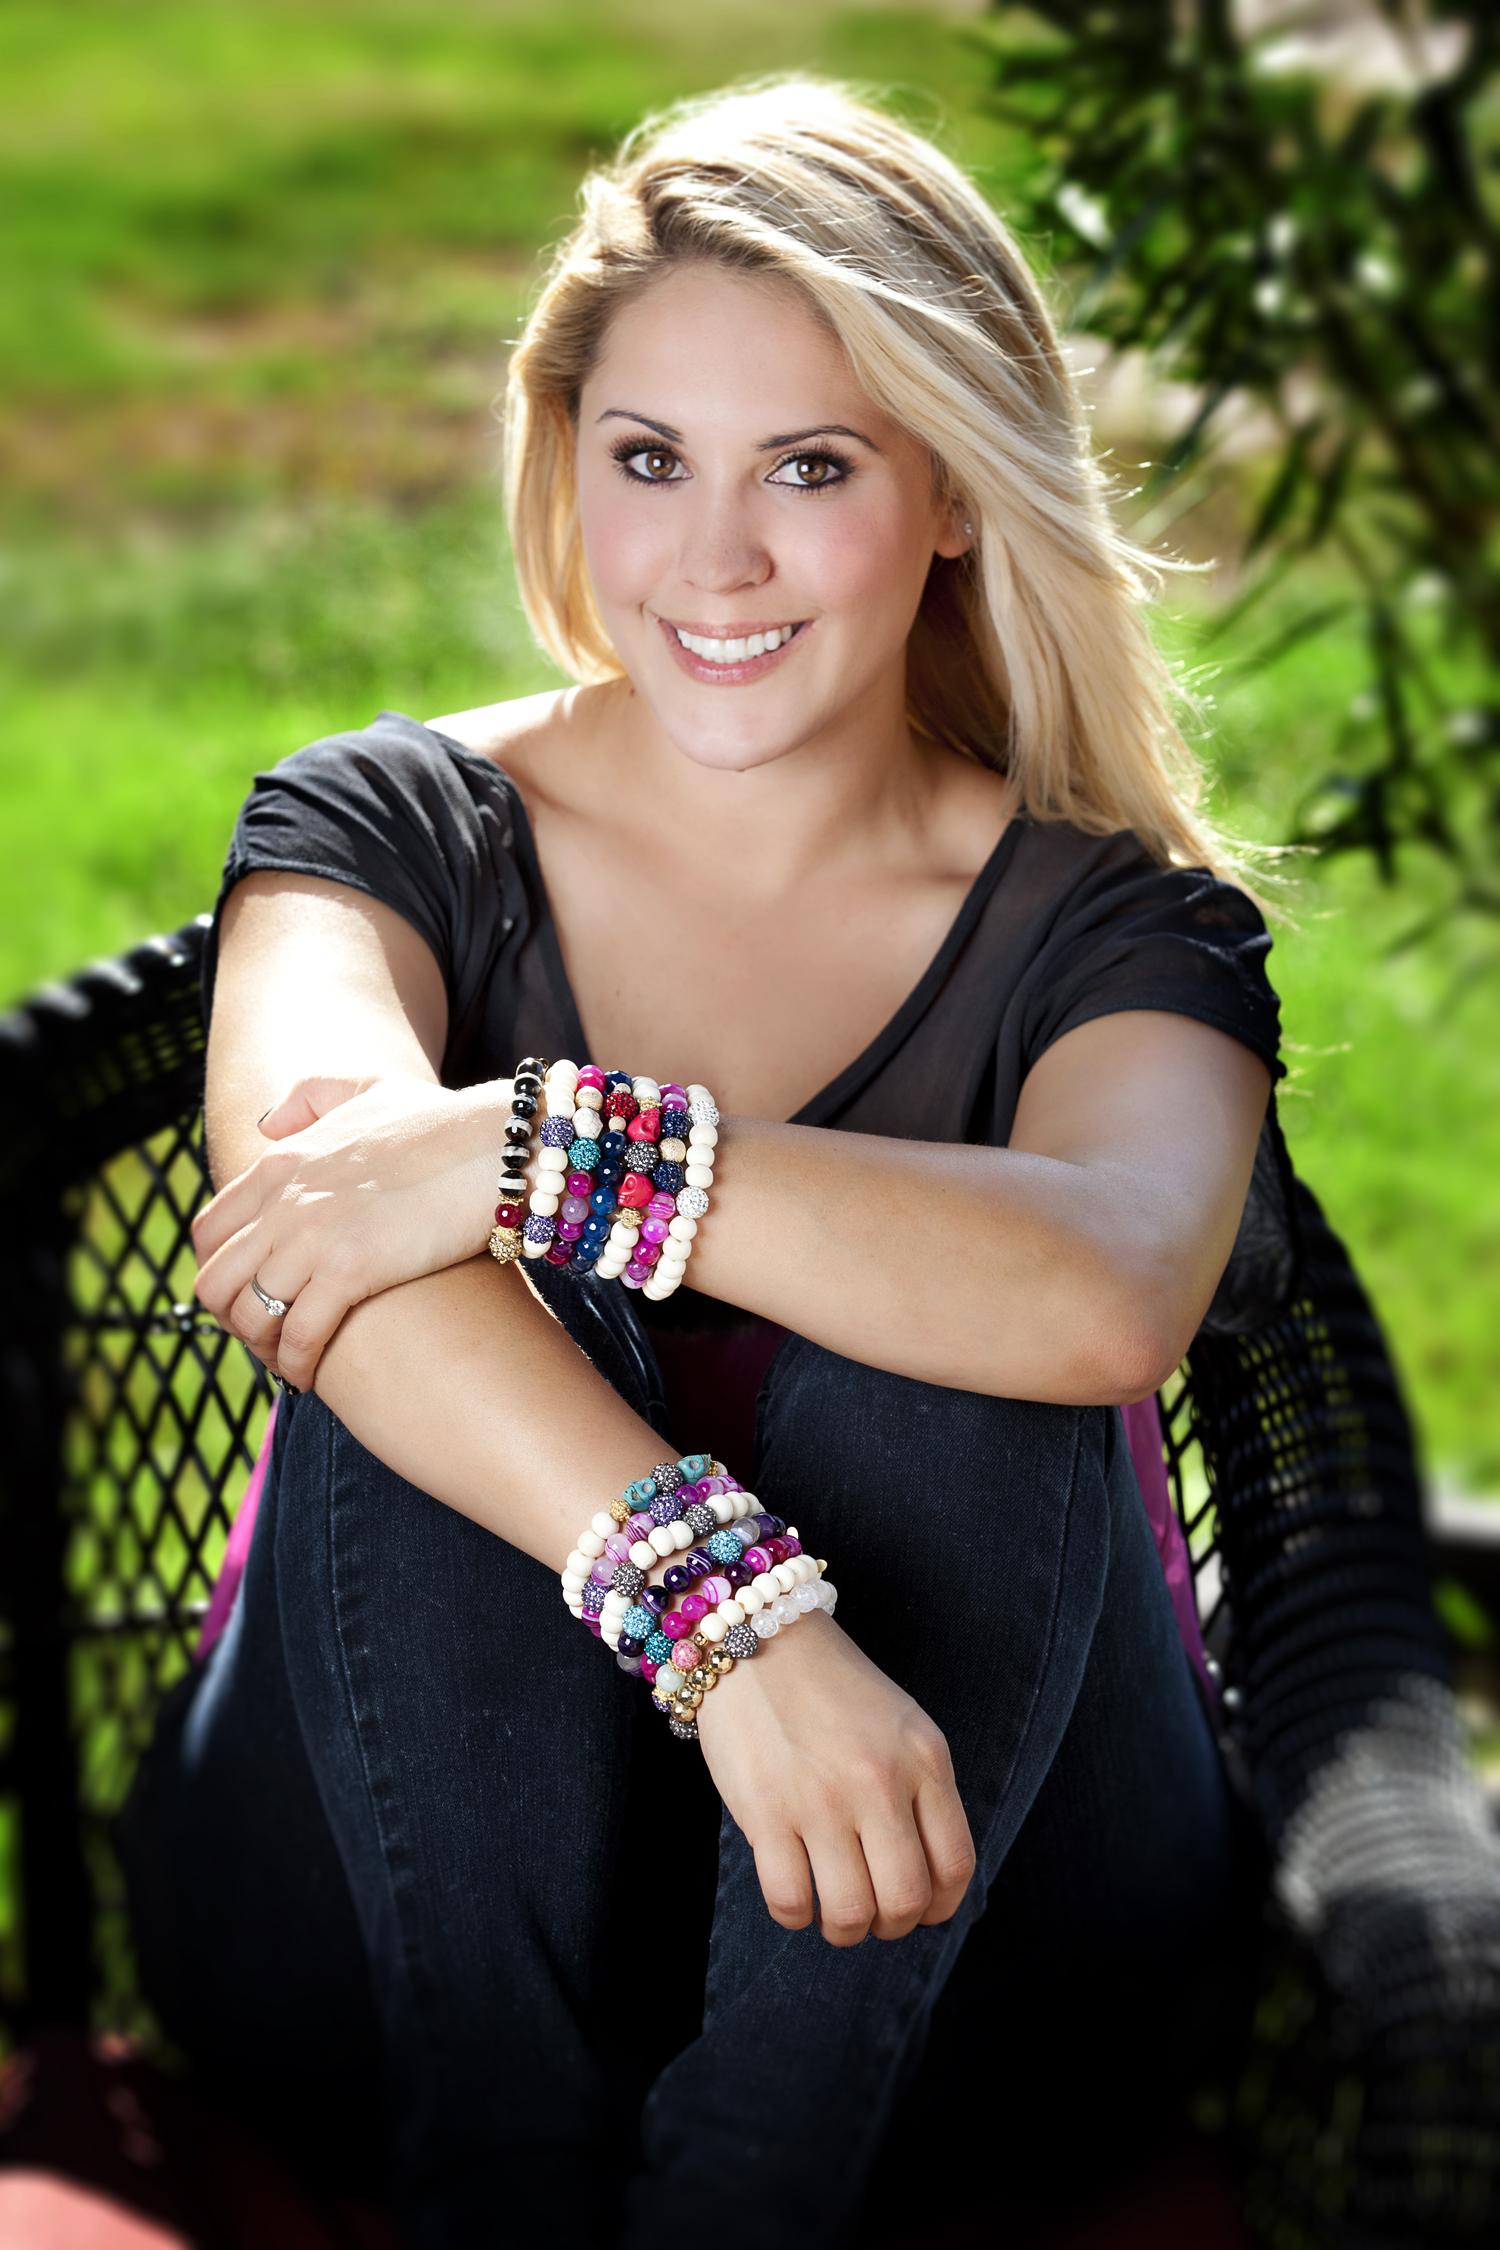 Cute Facebook Girls McAllen TX